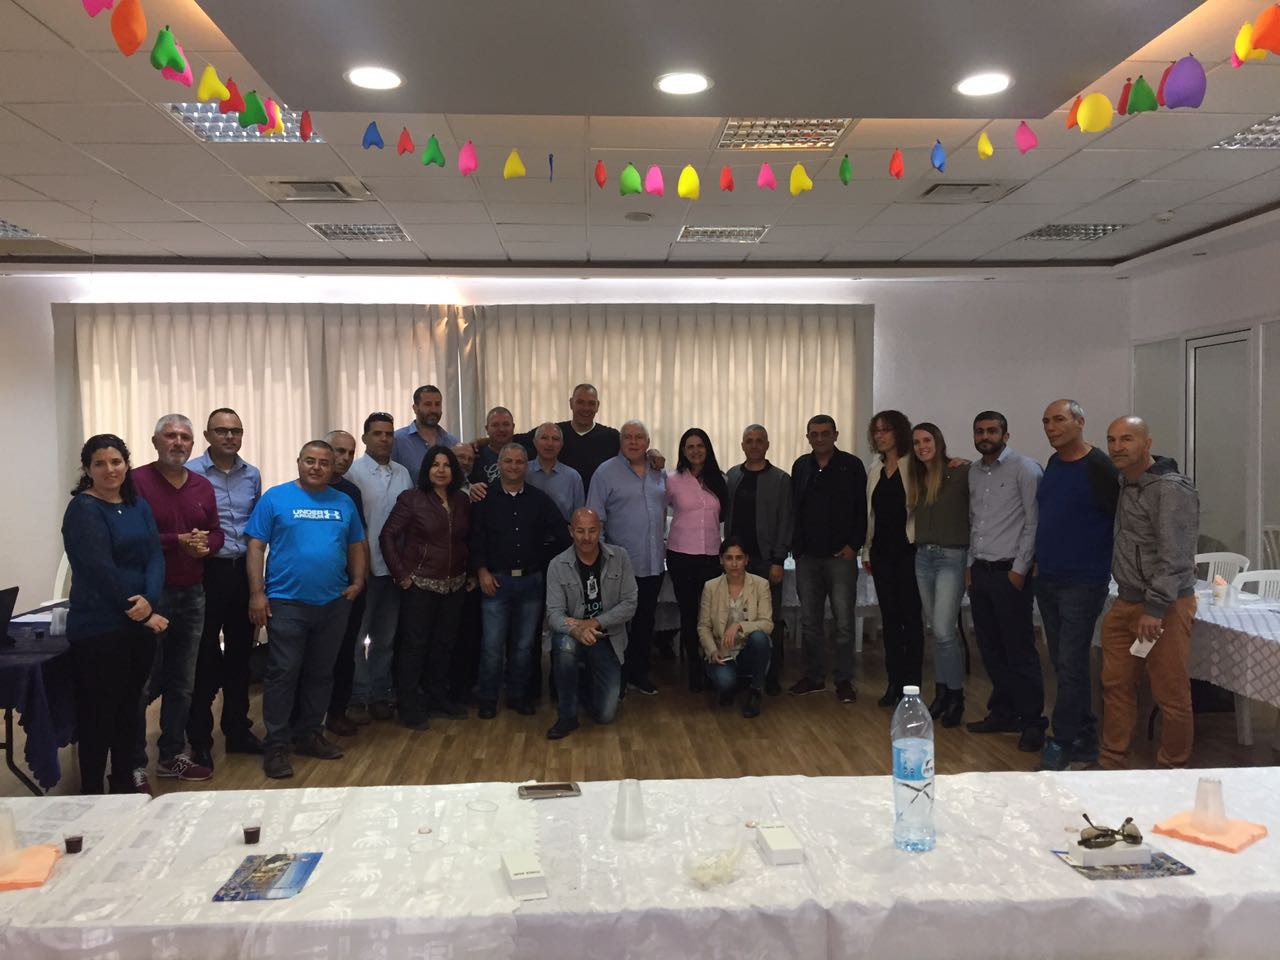 שמעון אמסלם יוביל את הפרויקט לקידום הכדורסל בנגב ולפיתוח הנגב באמצעות הכדורסל